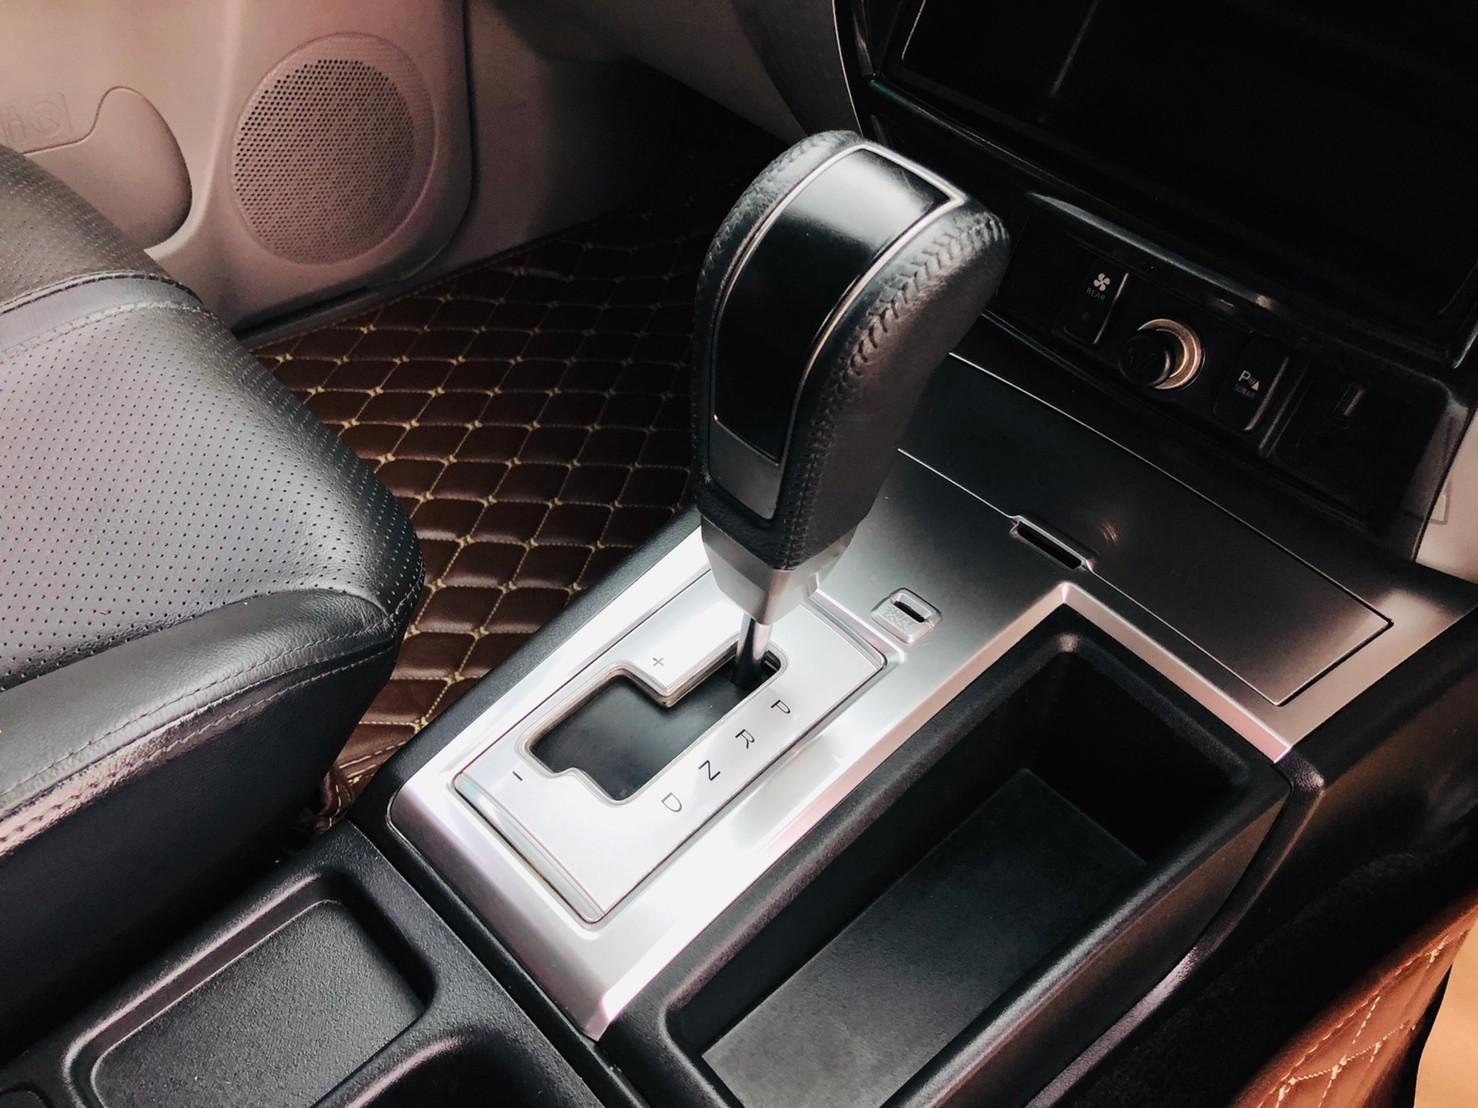 ภาพเกียร์ มิตซูบิชิ ปาเจโร่ สปอร์ต 2.5 GT 2WD ปี 2013